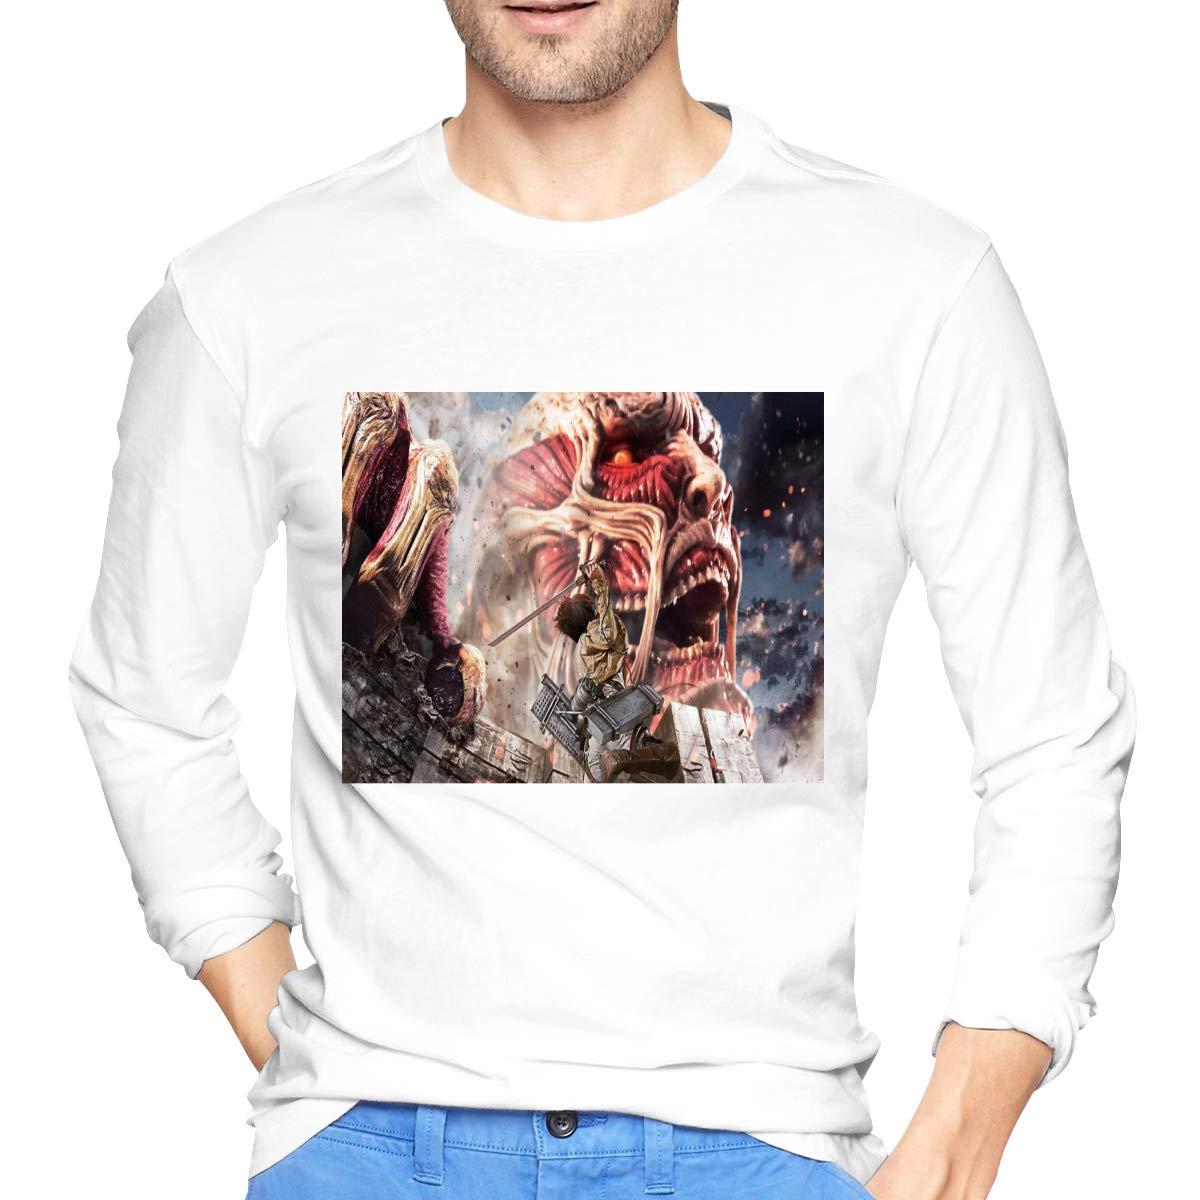 Lihehen S Attack On Titan Round Neck Ts Shirts